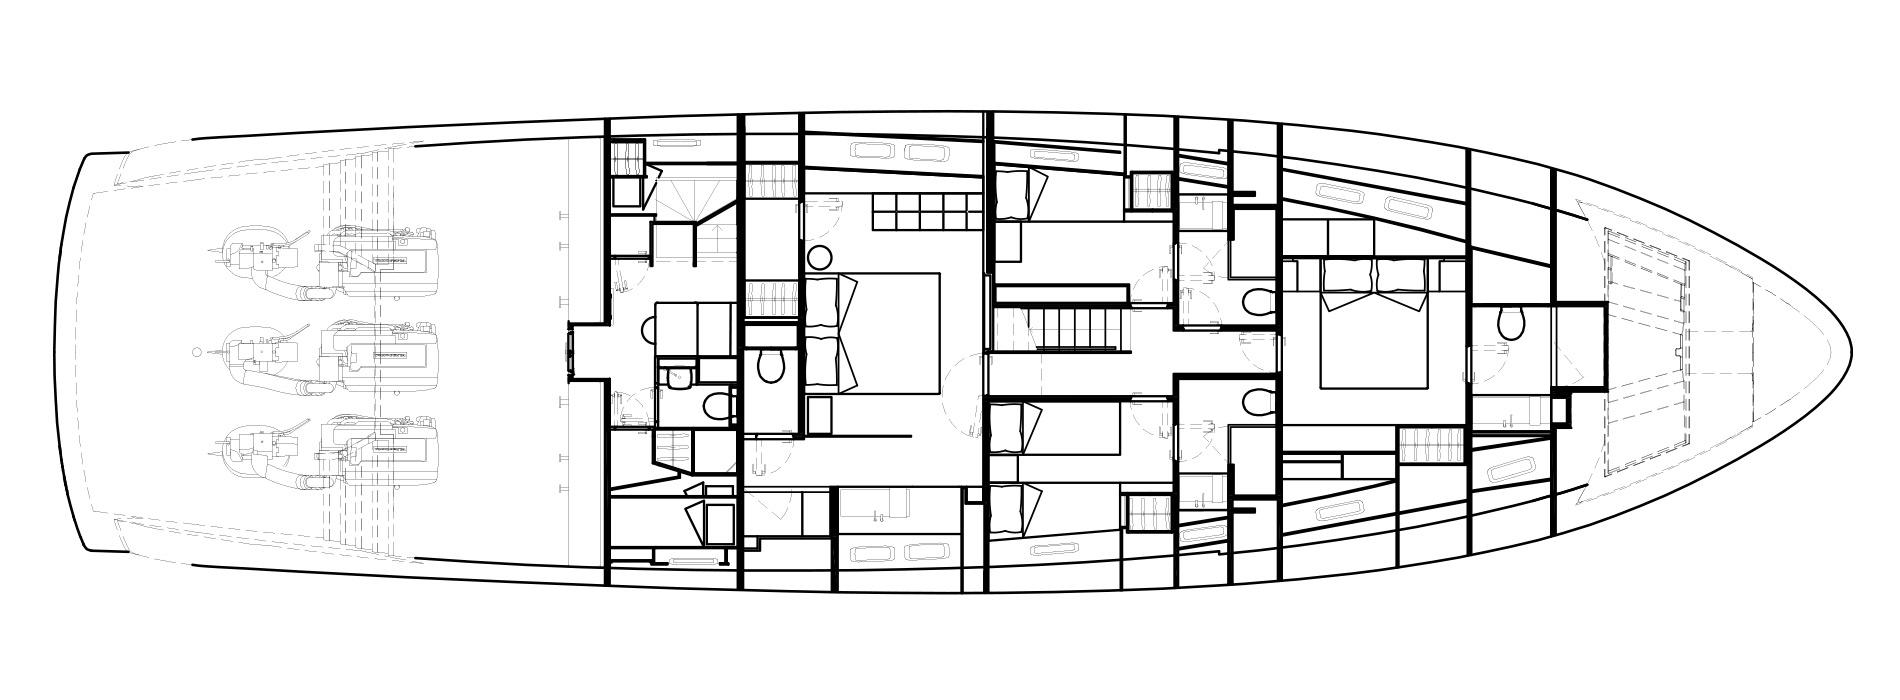 Sanlorenzo Yachts SX88 Pont inférieur Versione Lissoni